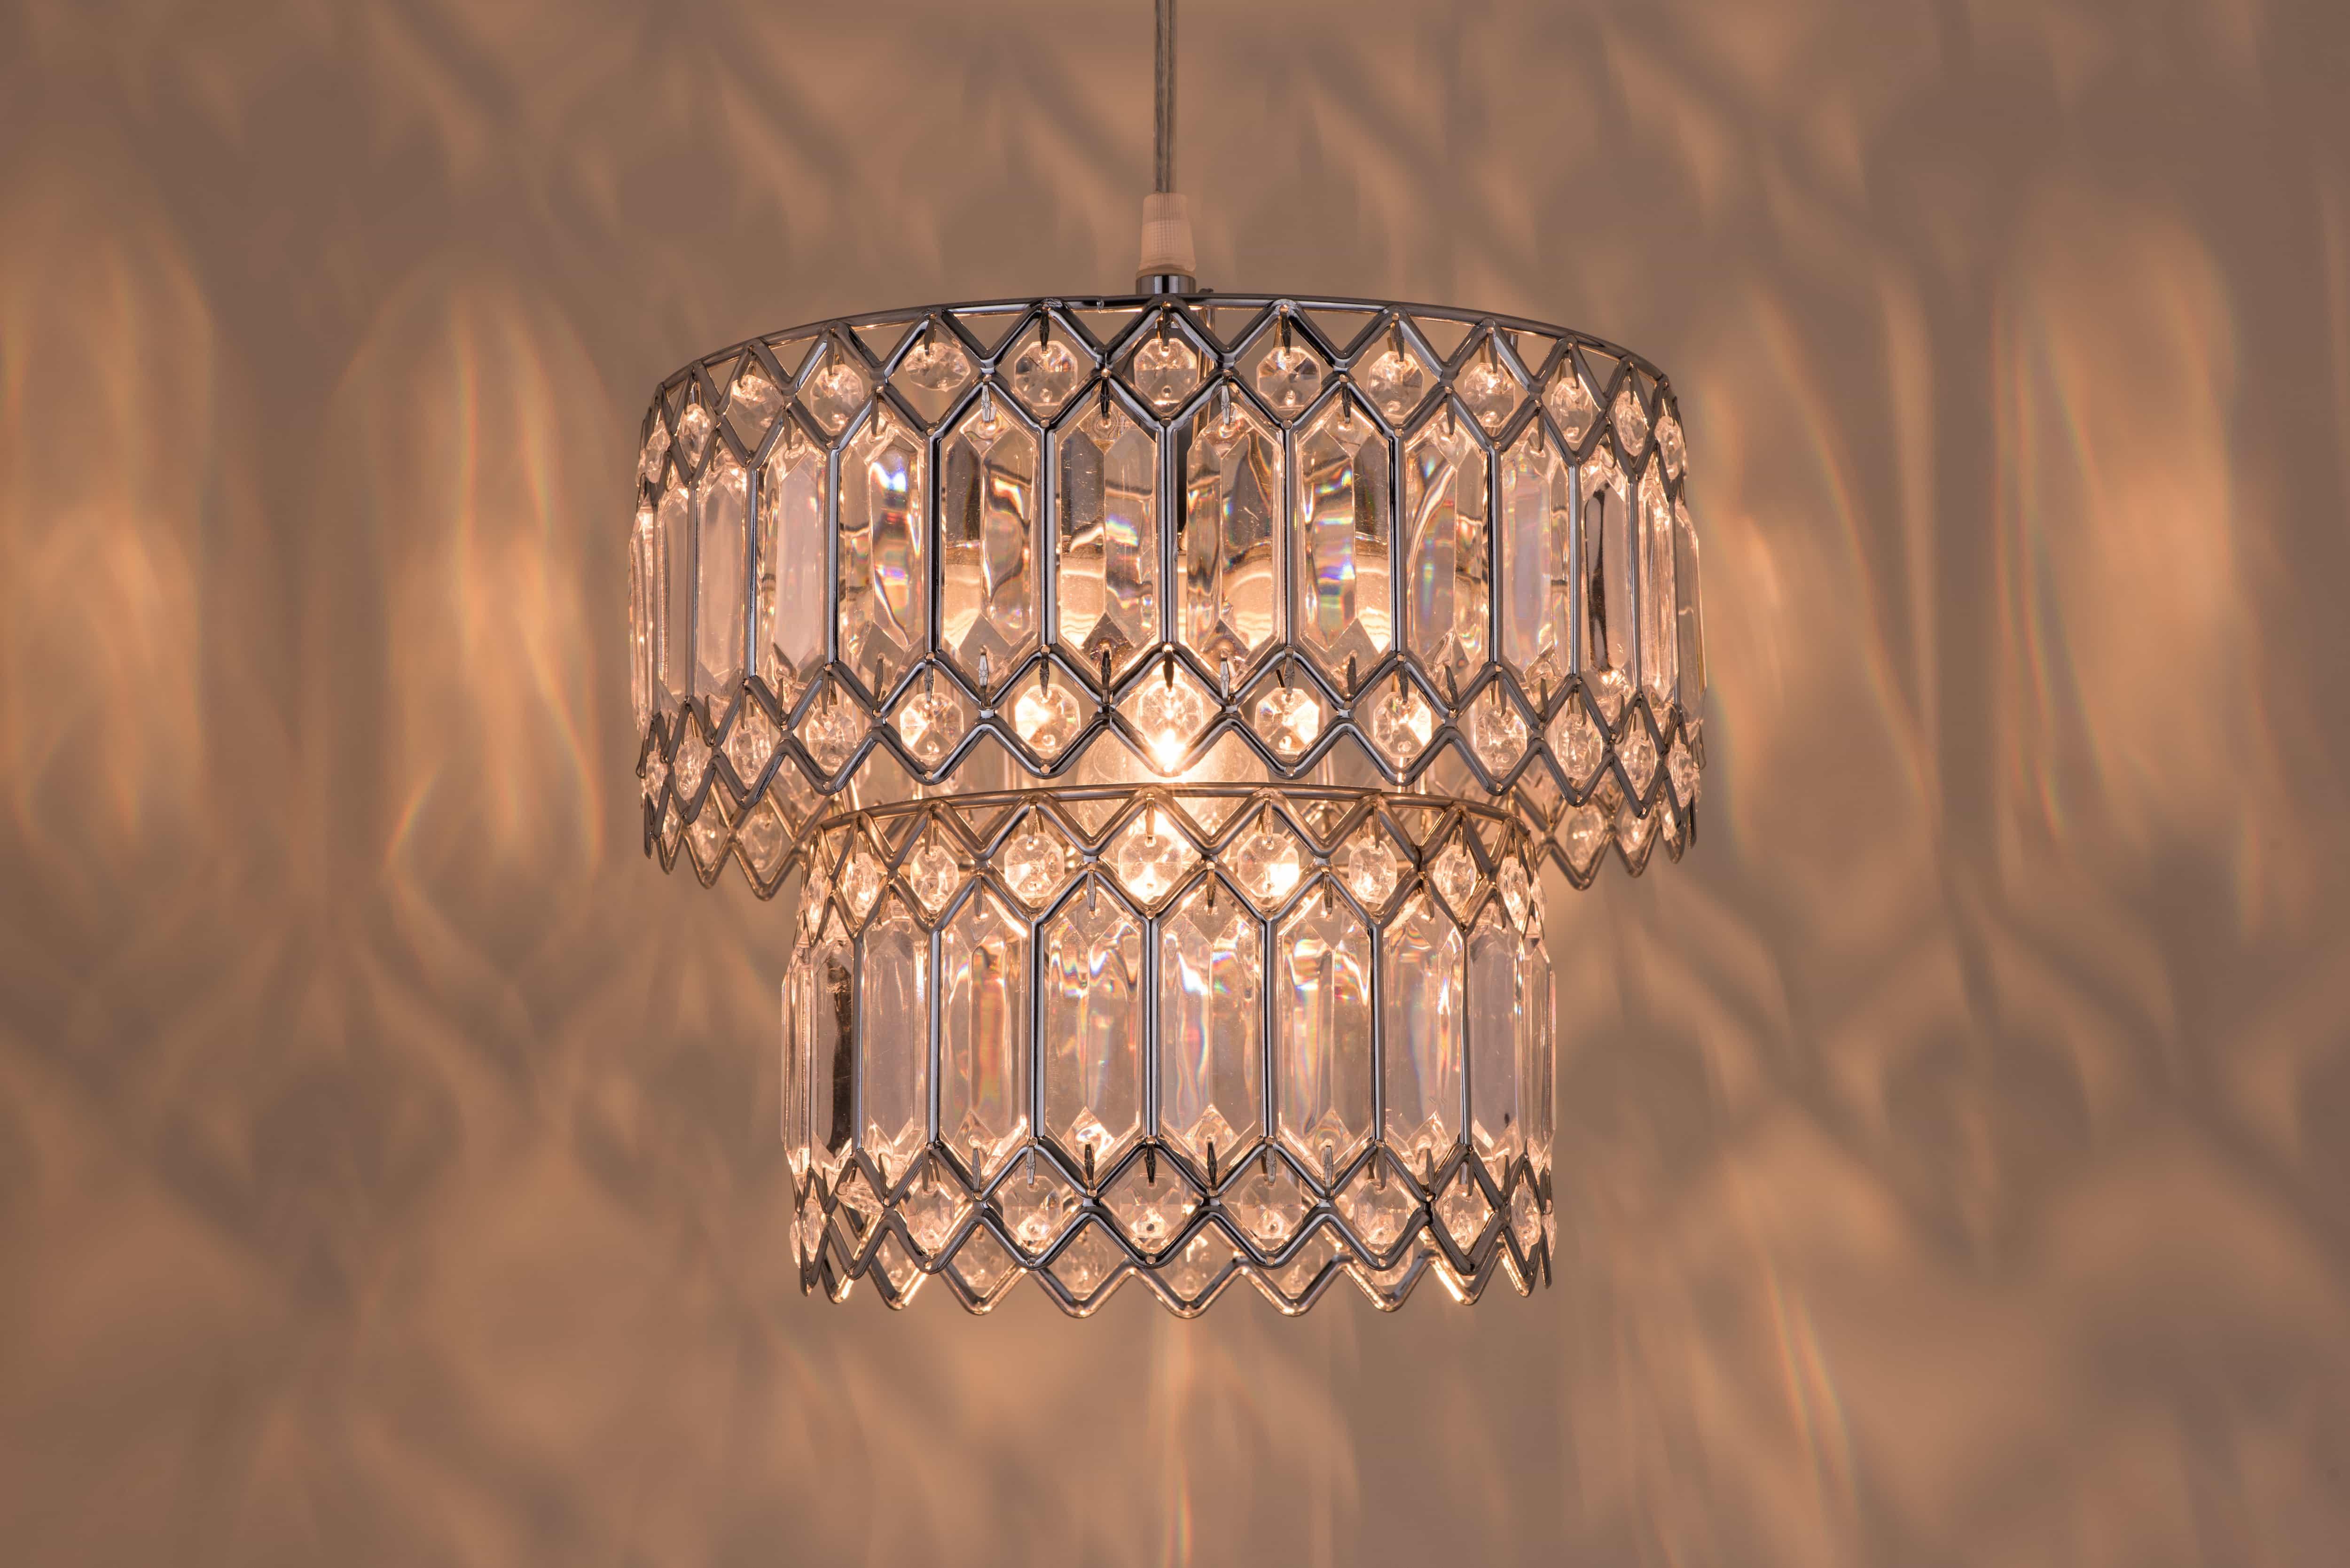 鍍鉻銀鐵花邊透明壓克立吊燈-BNL00056 4